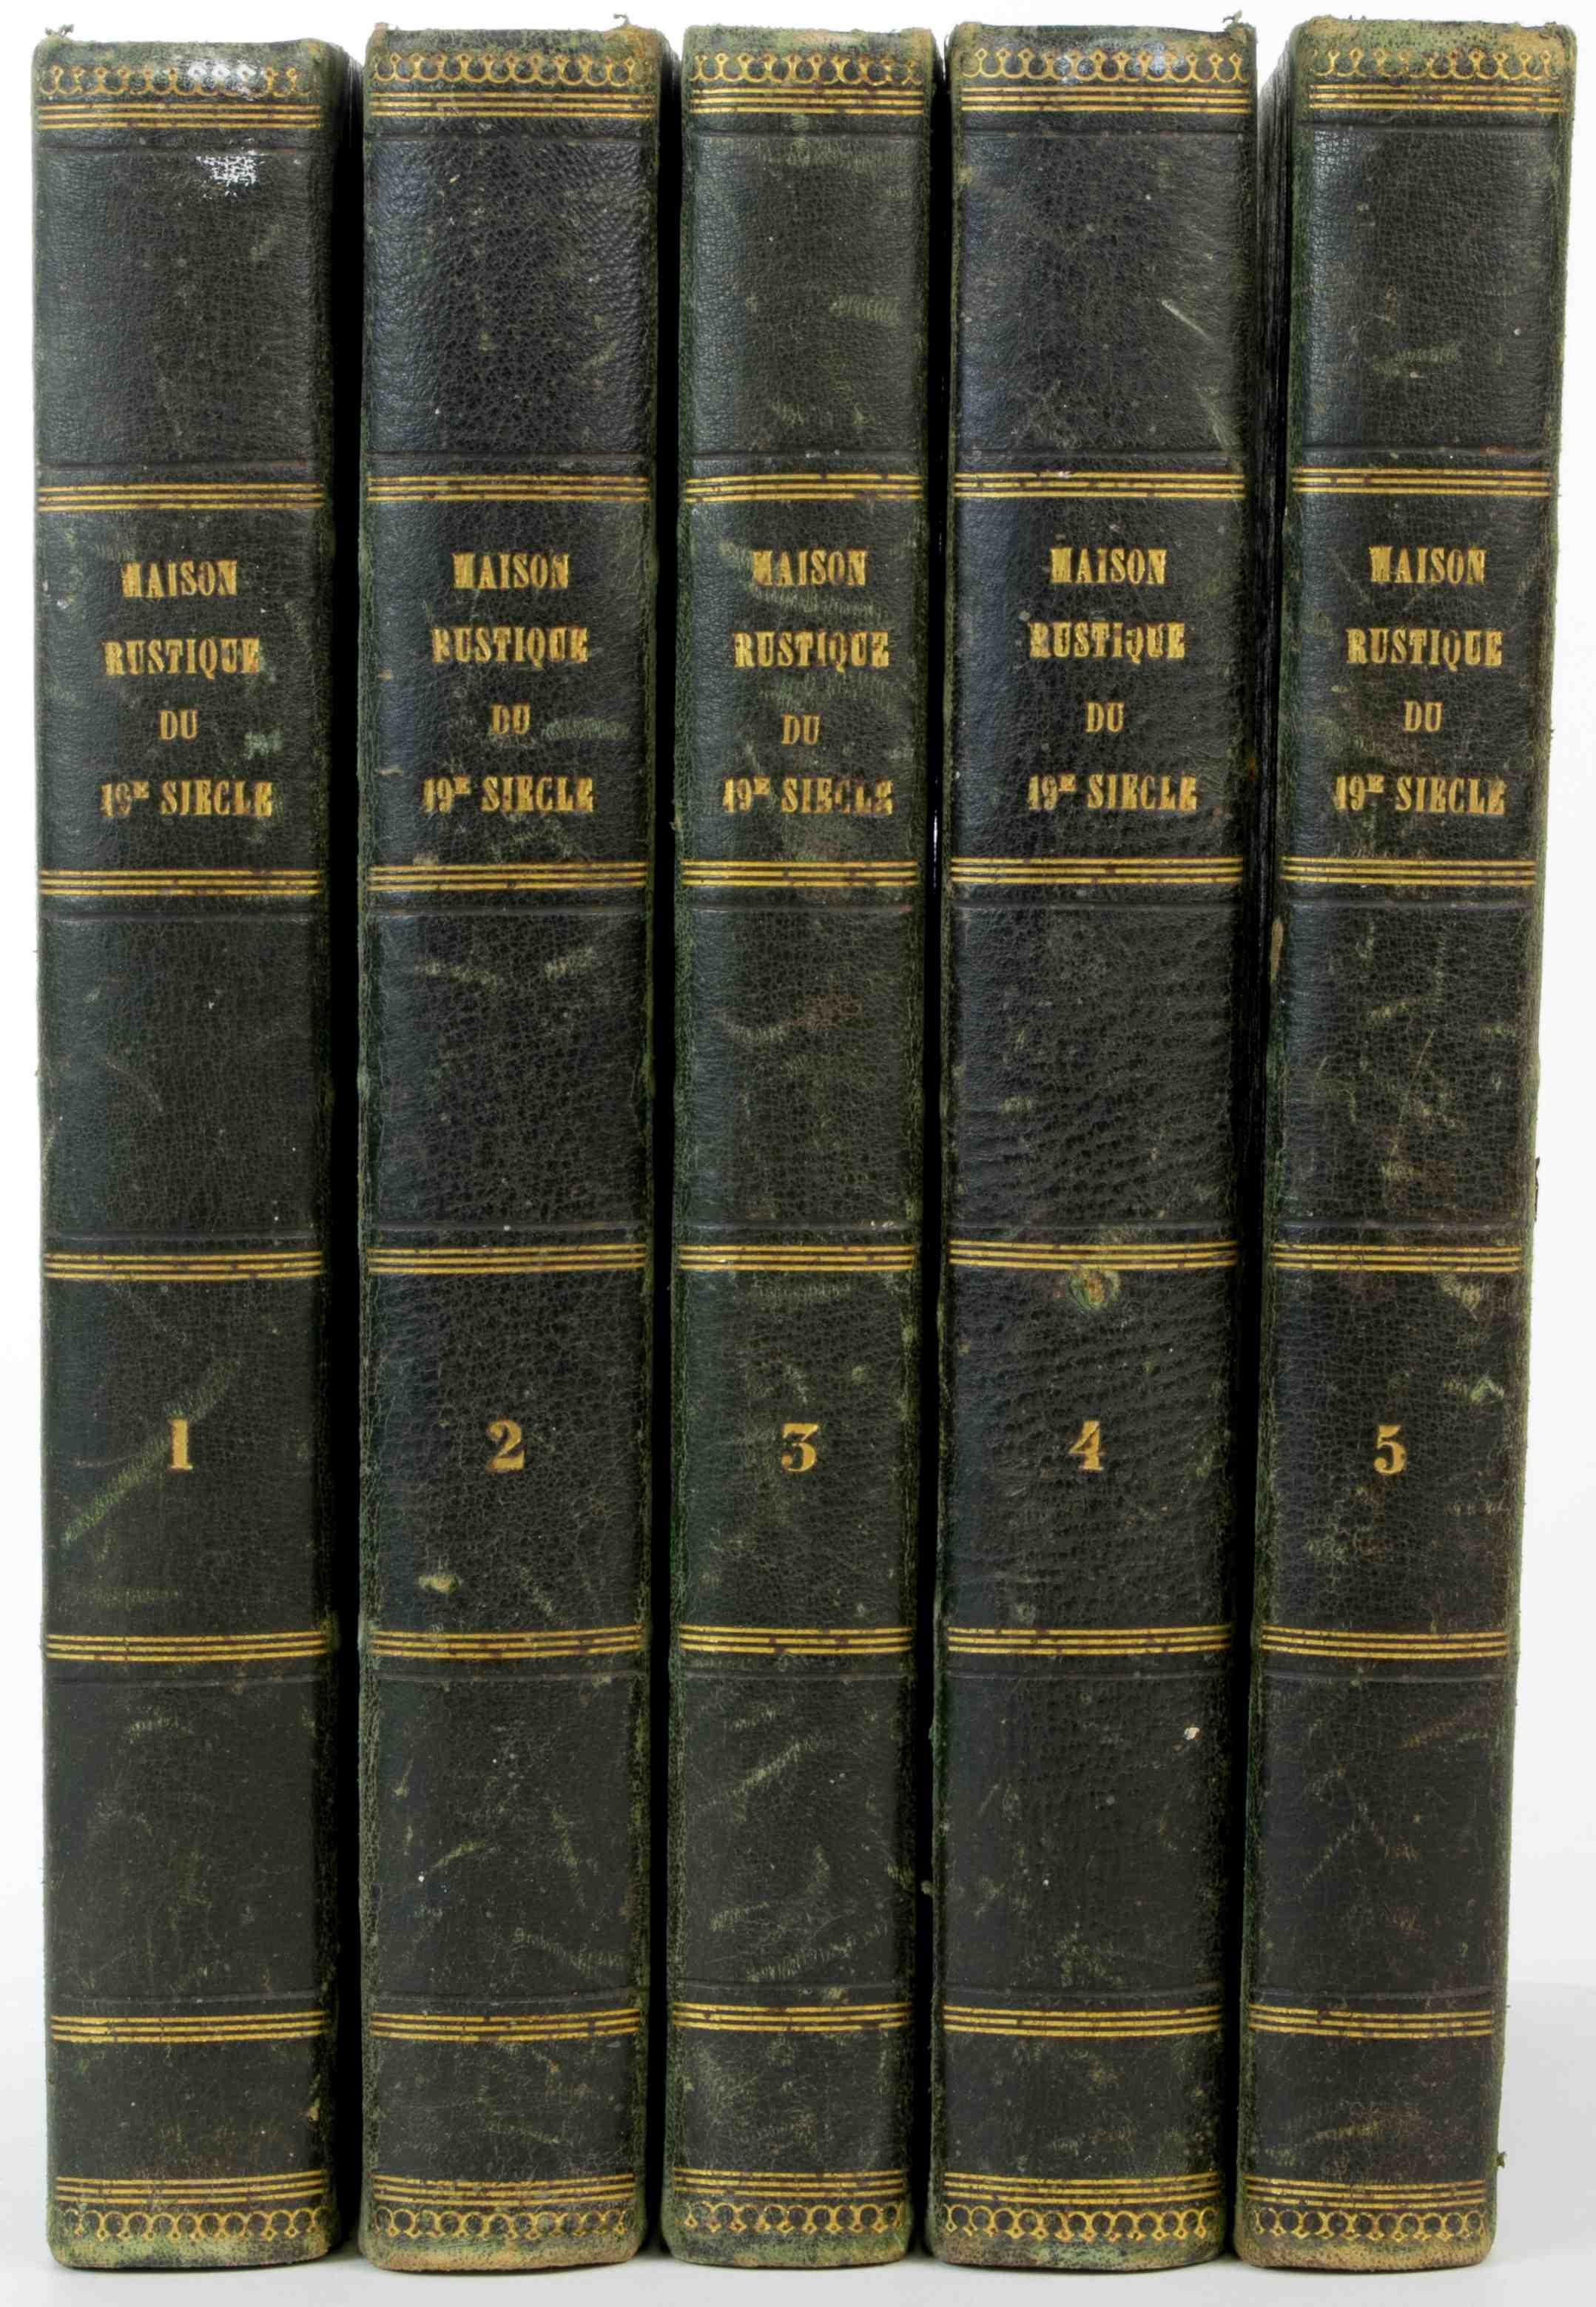 """La maison rustique du XIXème siècle"""". 9 volumes. -  lot 9"""